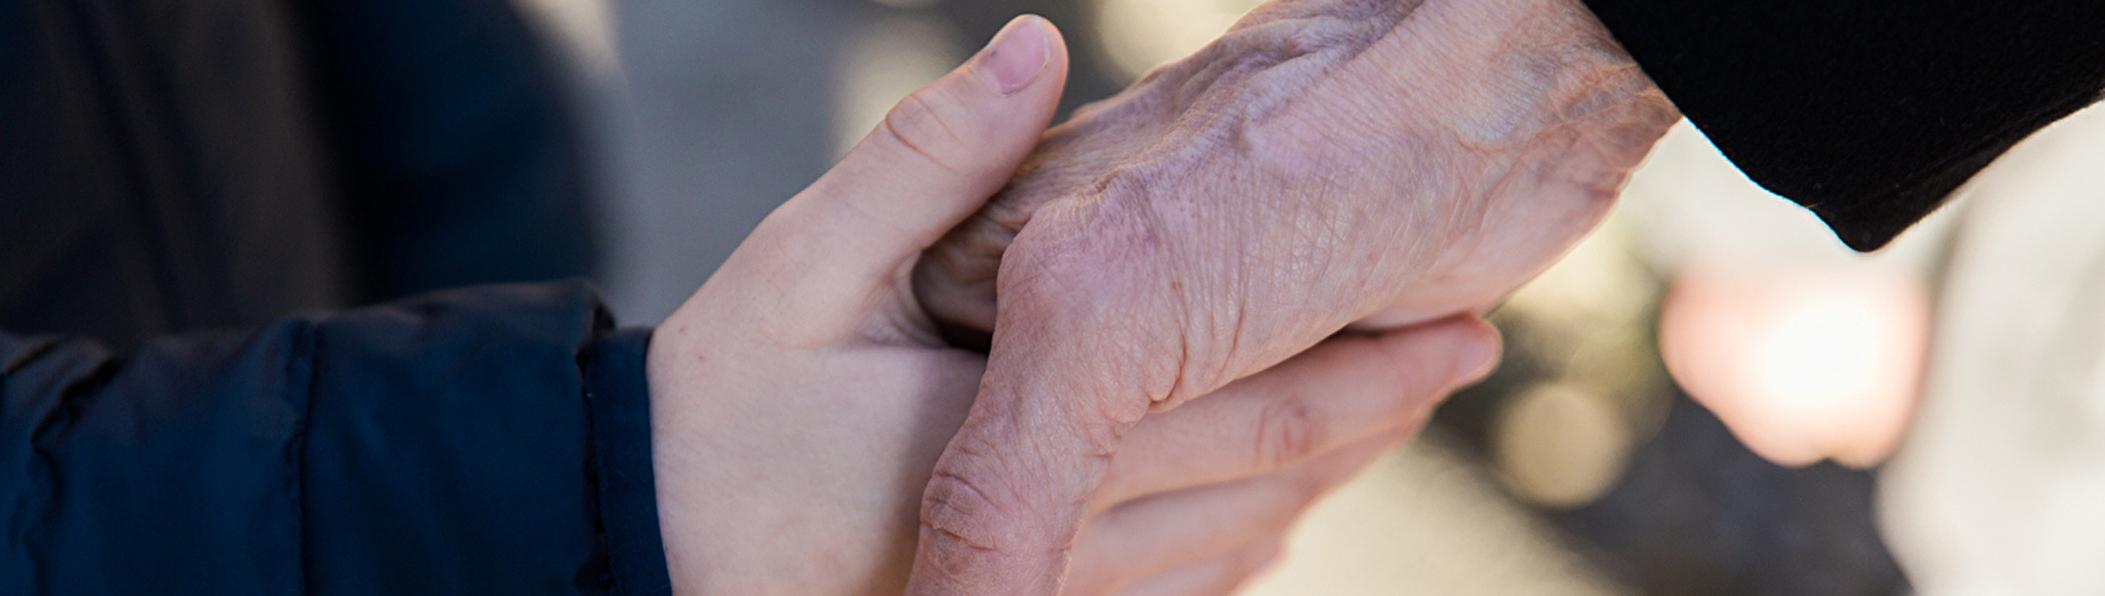 Junge und ältere Hand